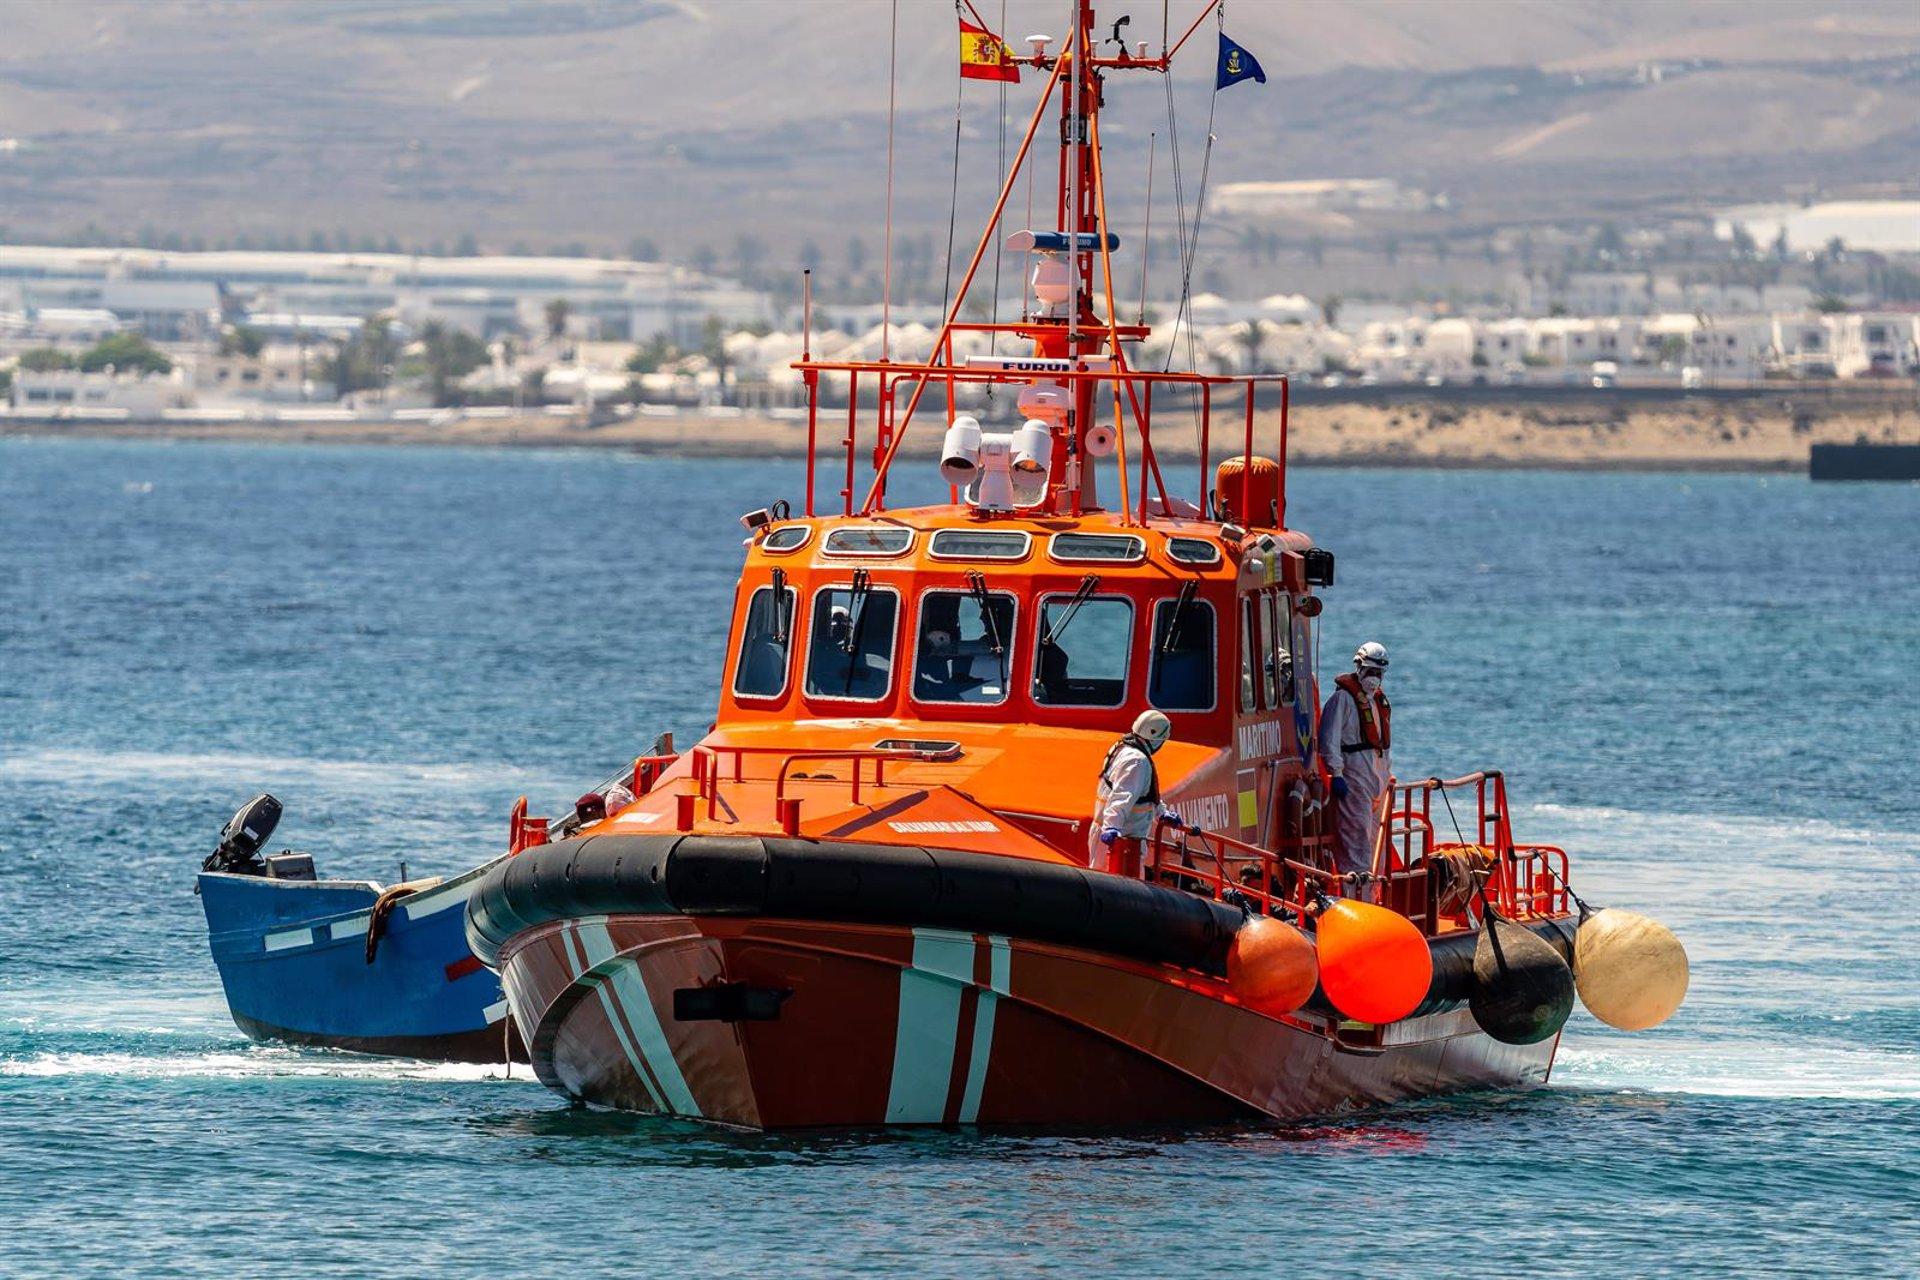 Rescatadas más de 70 personas a bordo de pateras en las últimas 24 horas cerca de la costa granadina